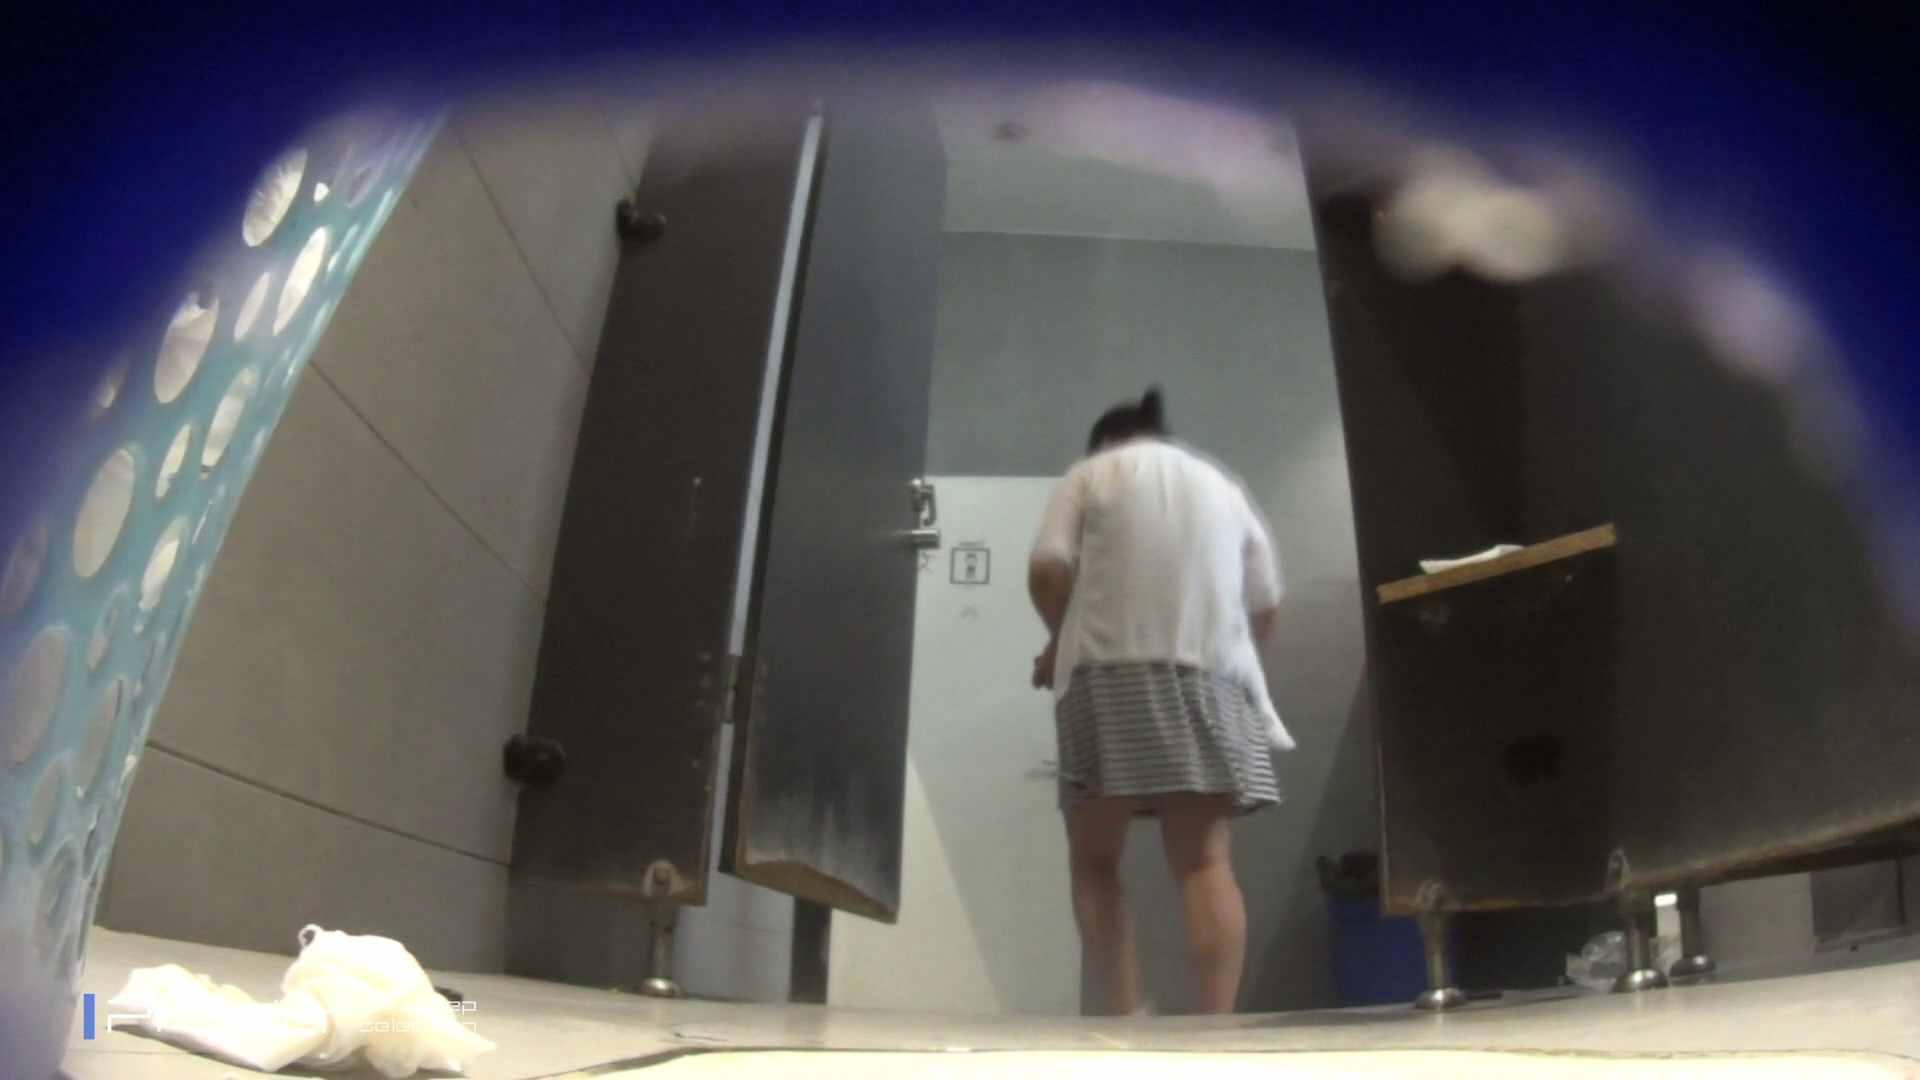 ポッチャリ好きは必見!大学休憩時間の洗面所事情66 エッチすぎるお姉さん | 盗撮映像大放出  88連発 49